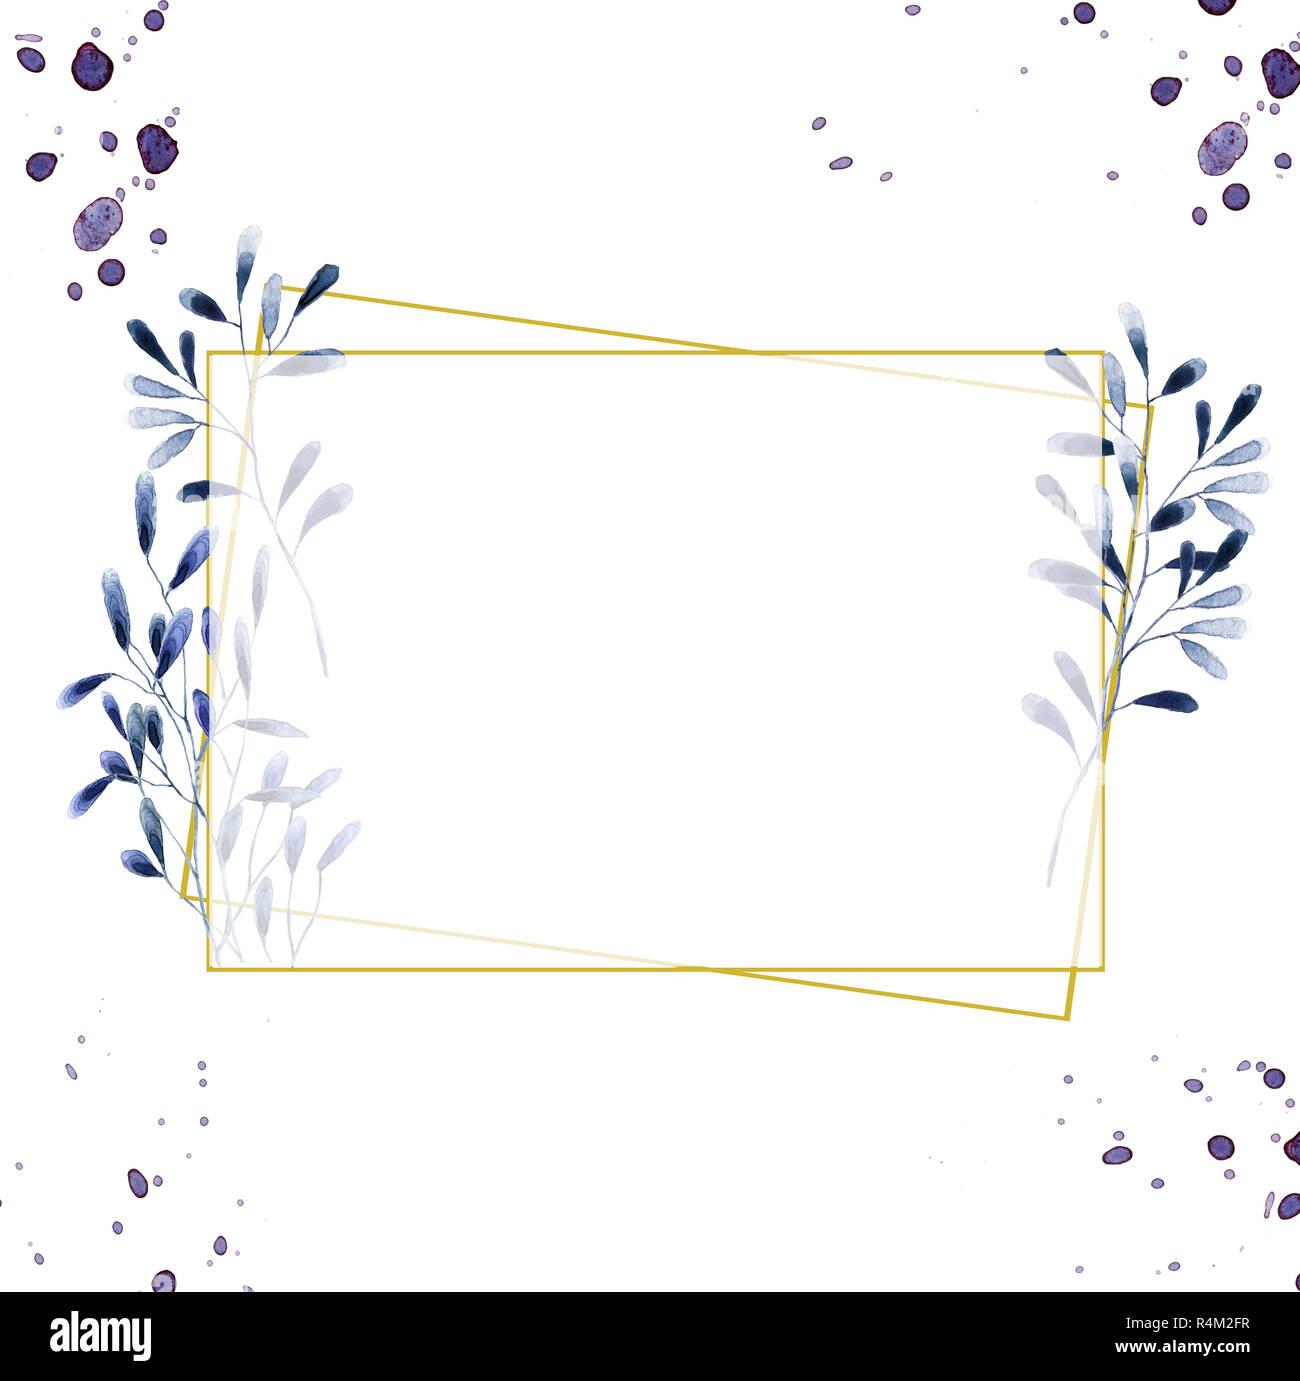 https www alamyimages fr invitation de mariage carte d olive inviter floral floral et geometrique magnolia cadre dore imprimer rectangle losange cadre arriere plan blanc image226634459 html